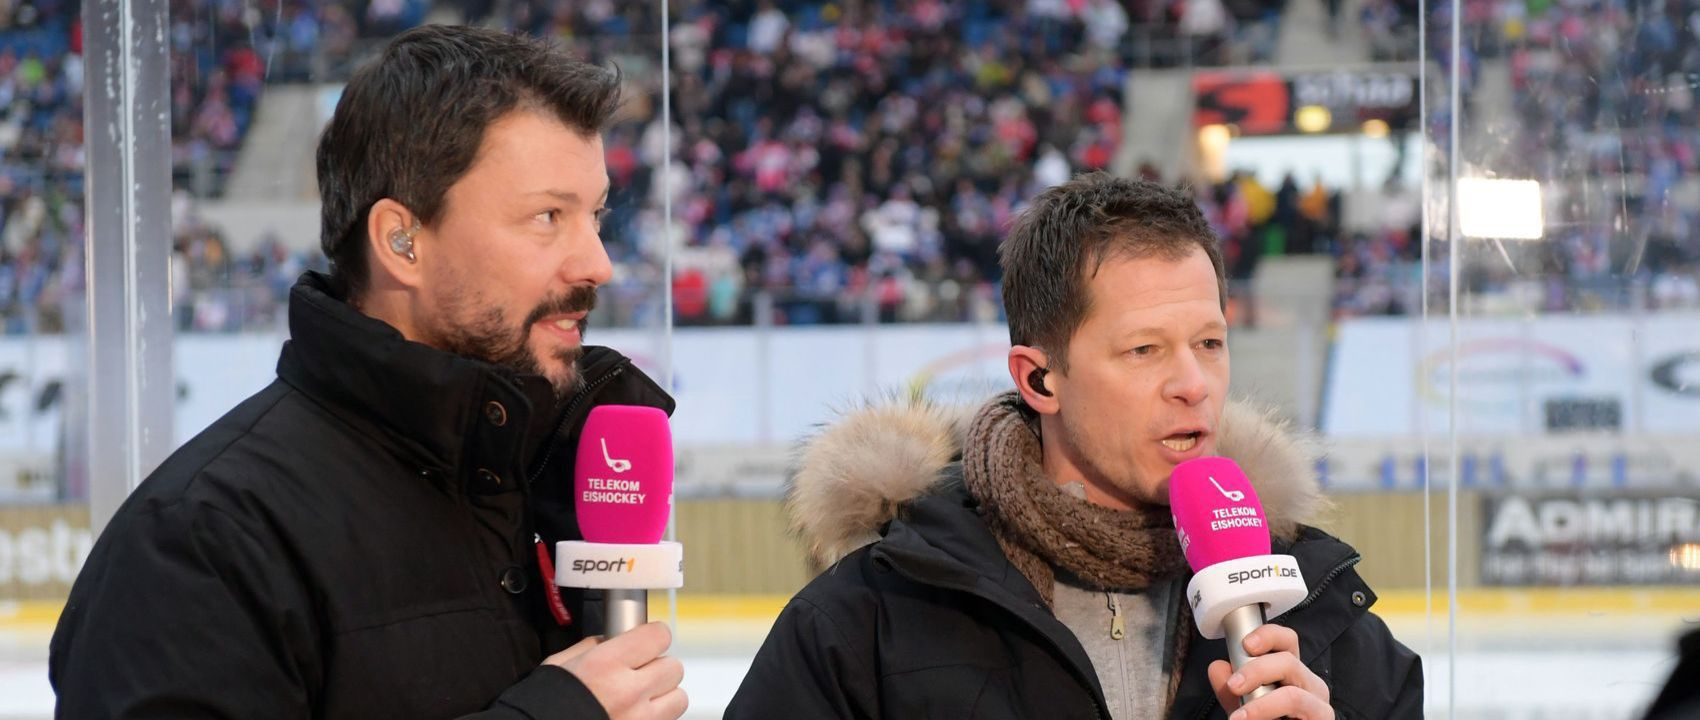 Mehr als 8 Millionen Zuschauer sehen Telekom Eishockey